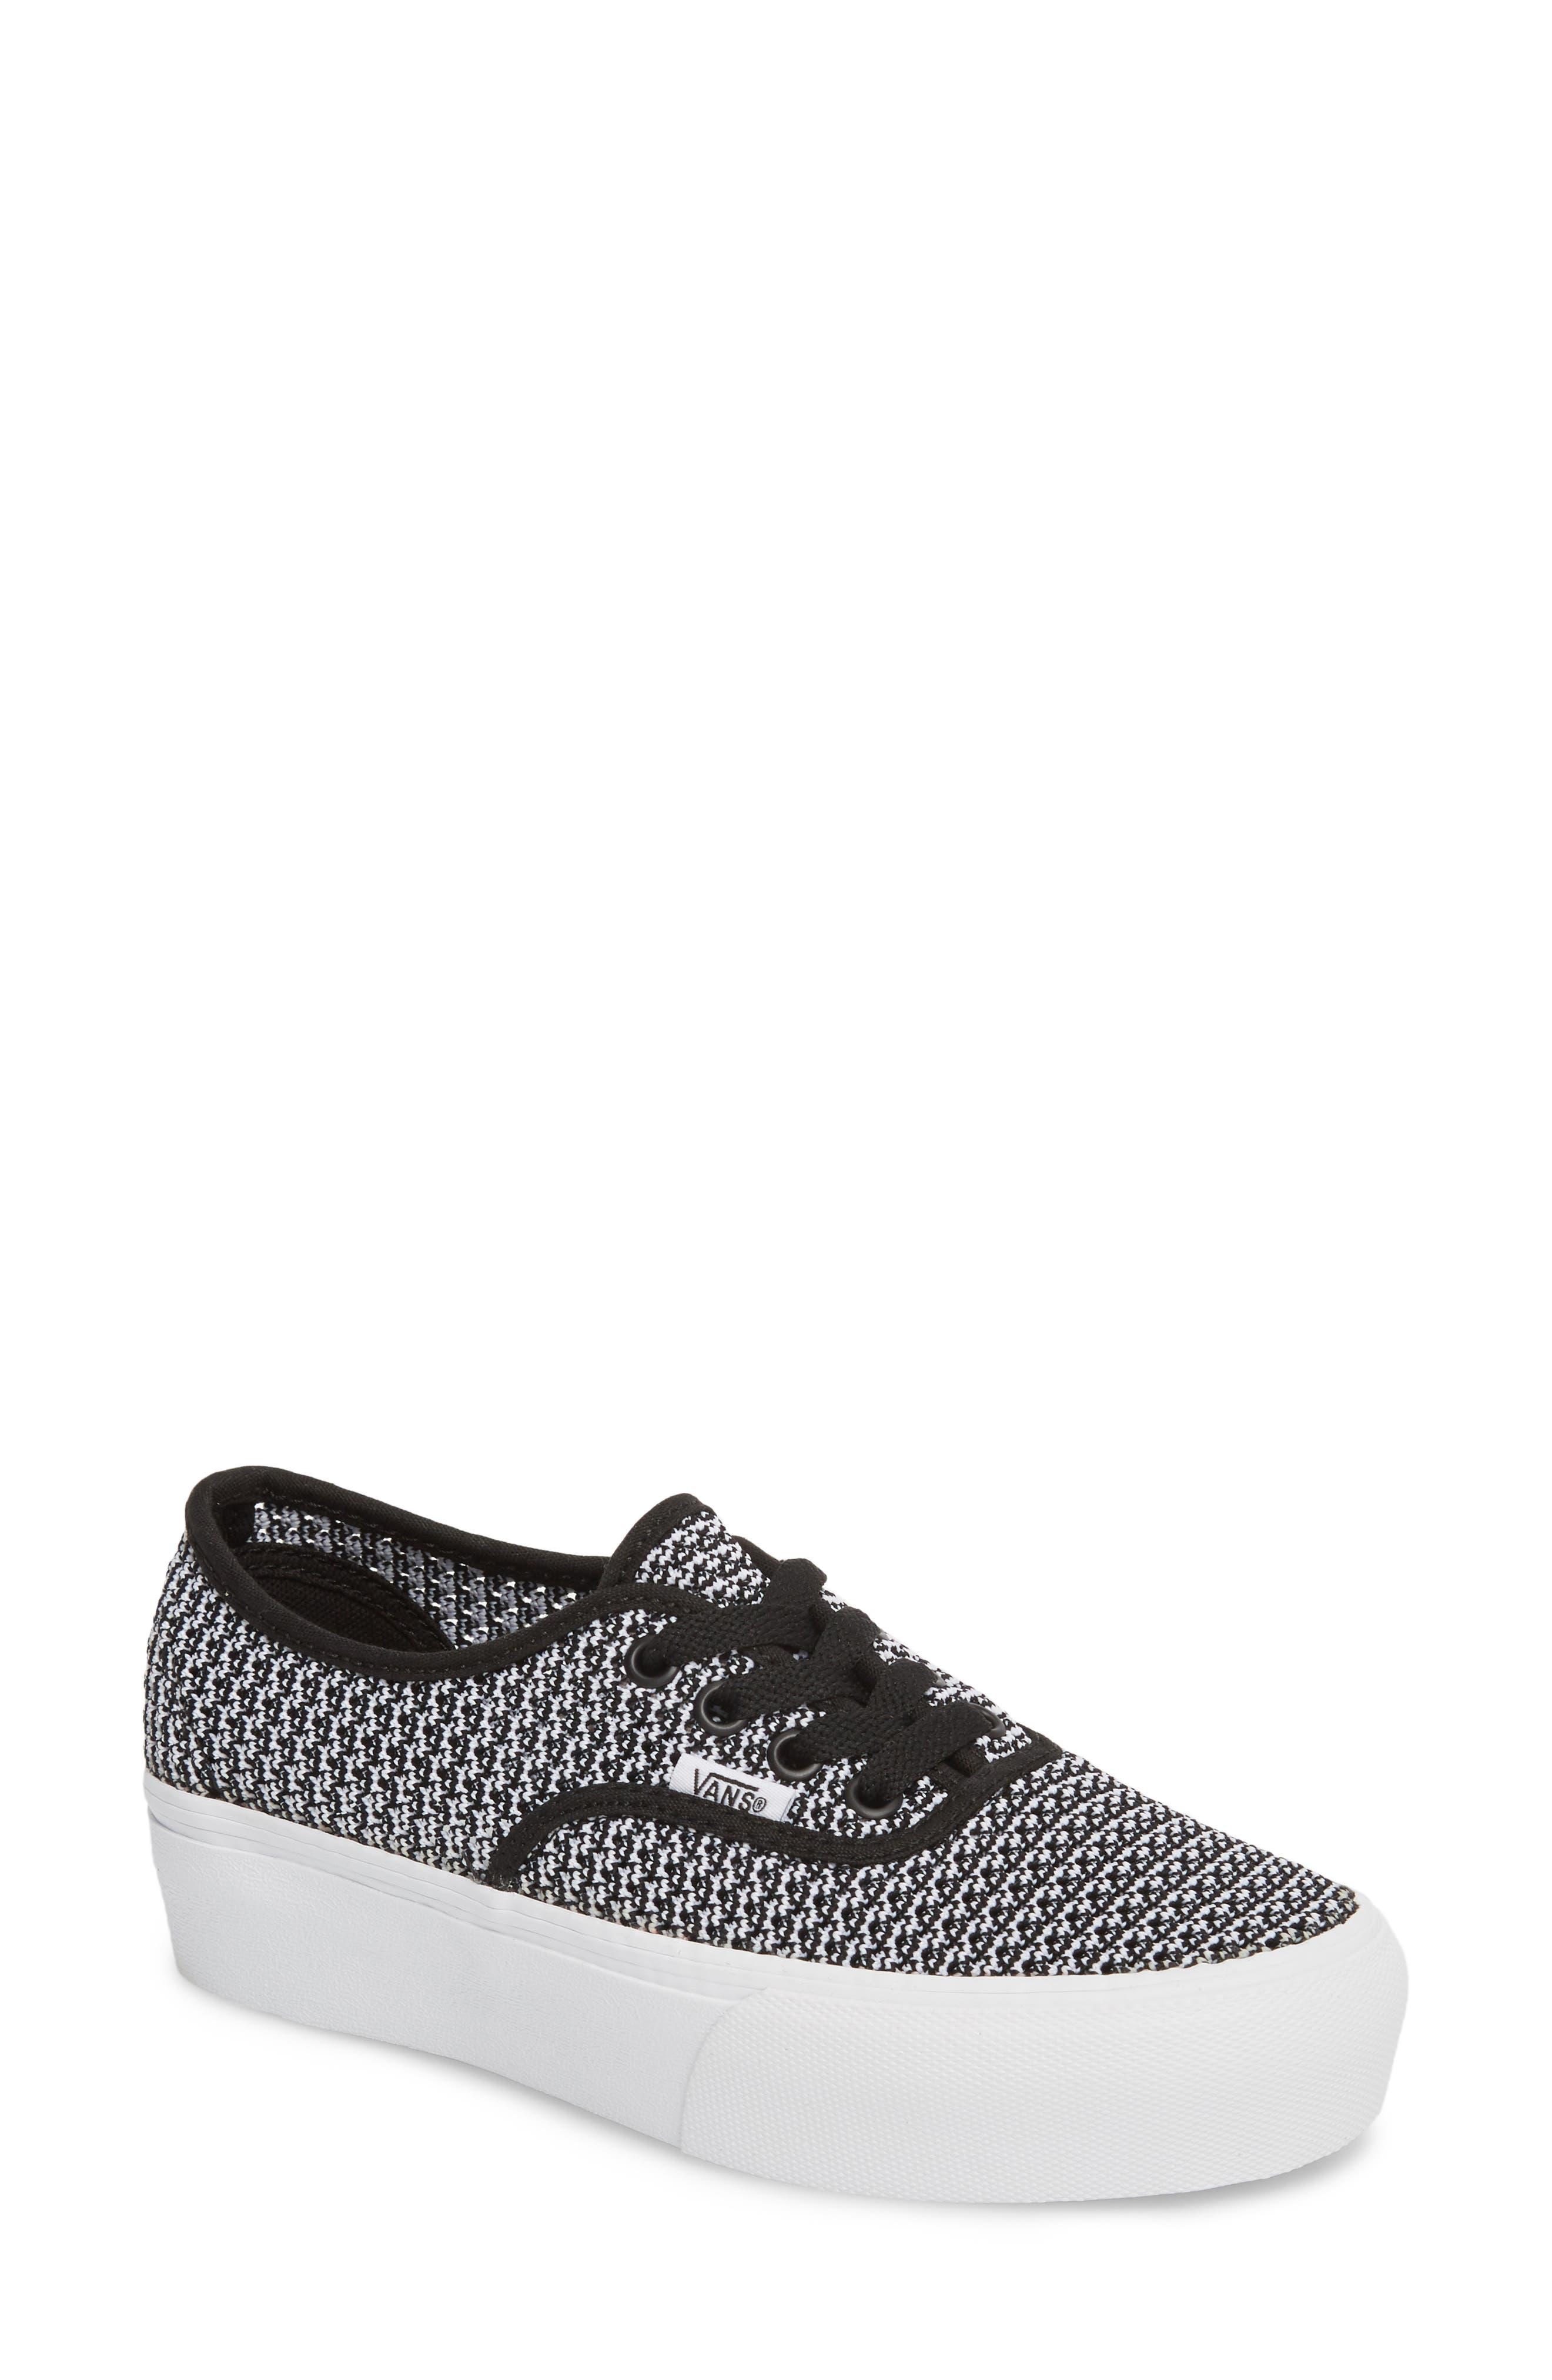 VANS 'Authentic' Platform Sneaker, Main, color, 004